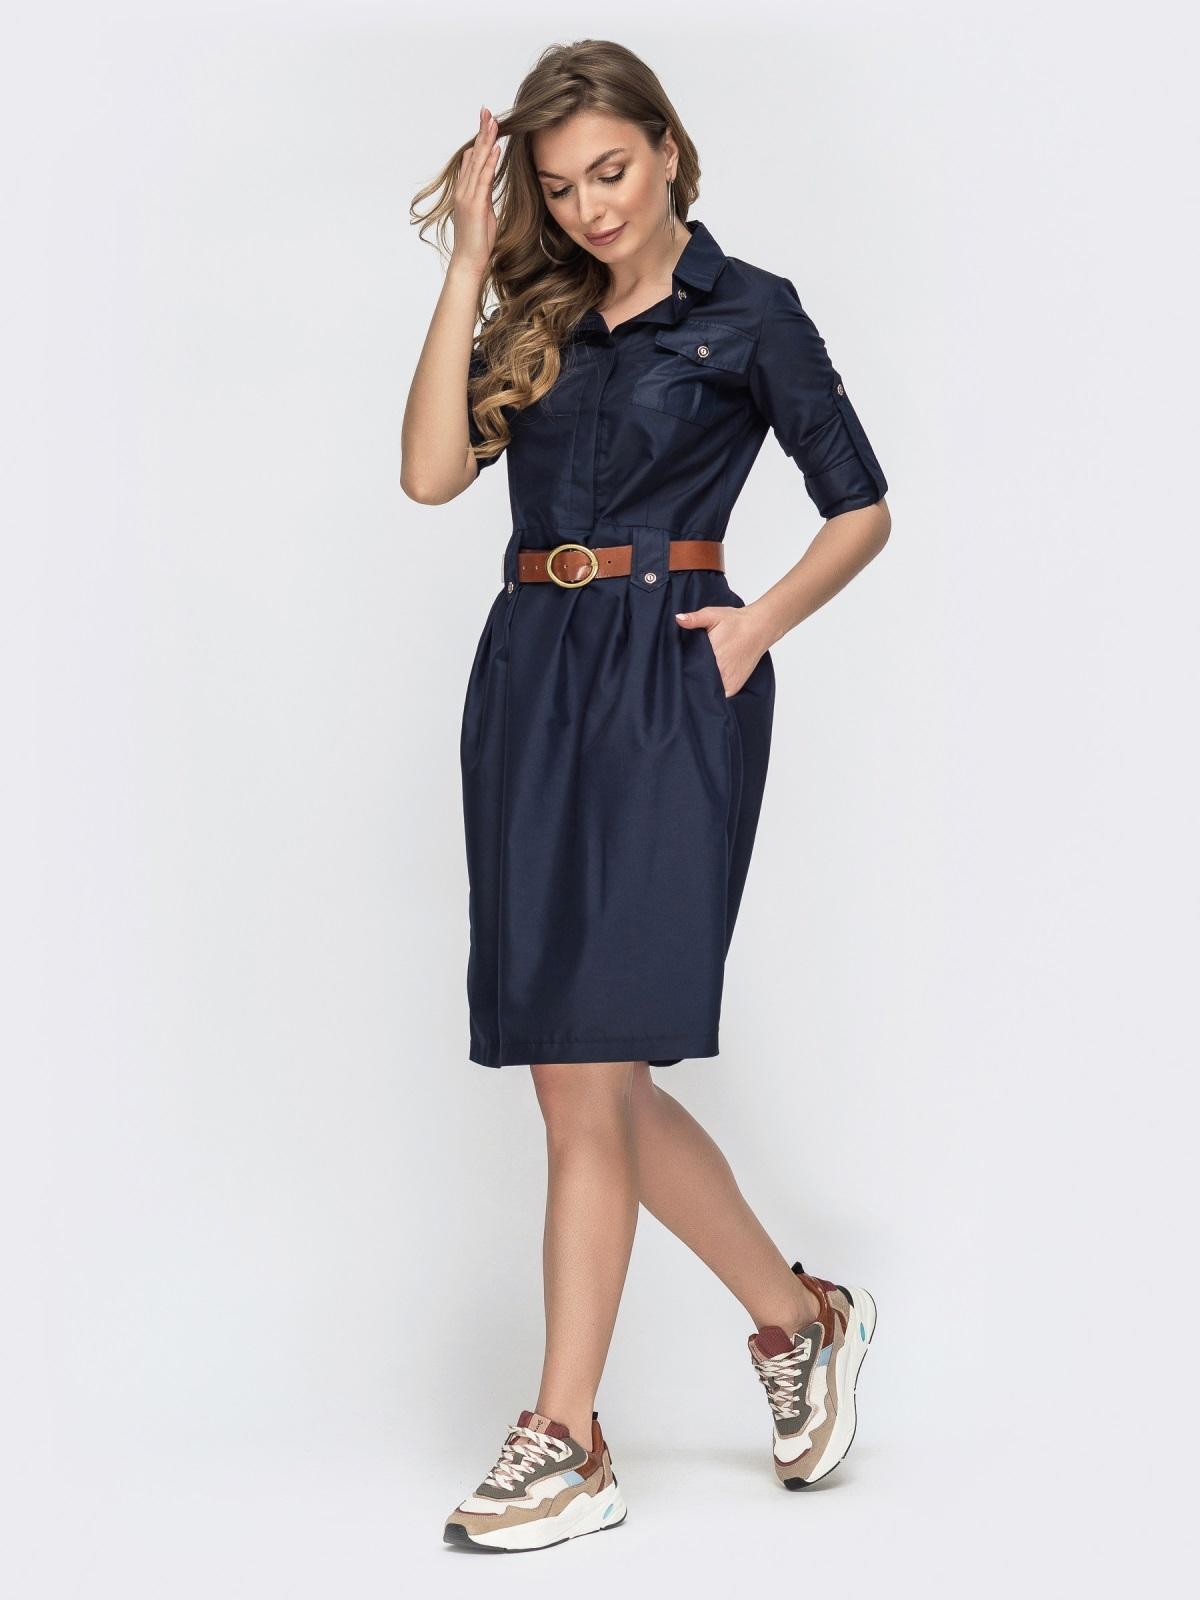 Тёмно-синее платье со шлевками 45788, фото 1